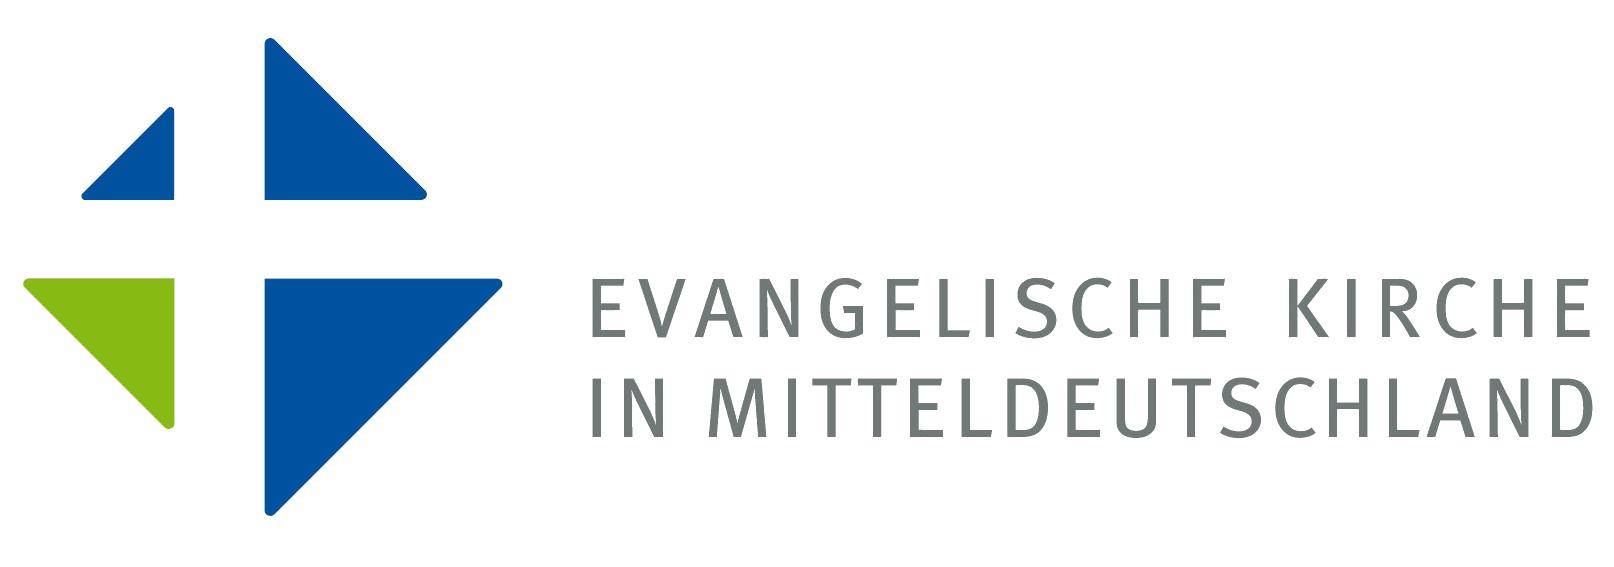 Logo Ev. Kirchenkreis Erfurt Büro für ausländische MitbürgerInnen